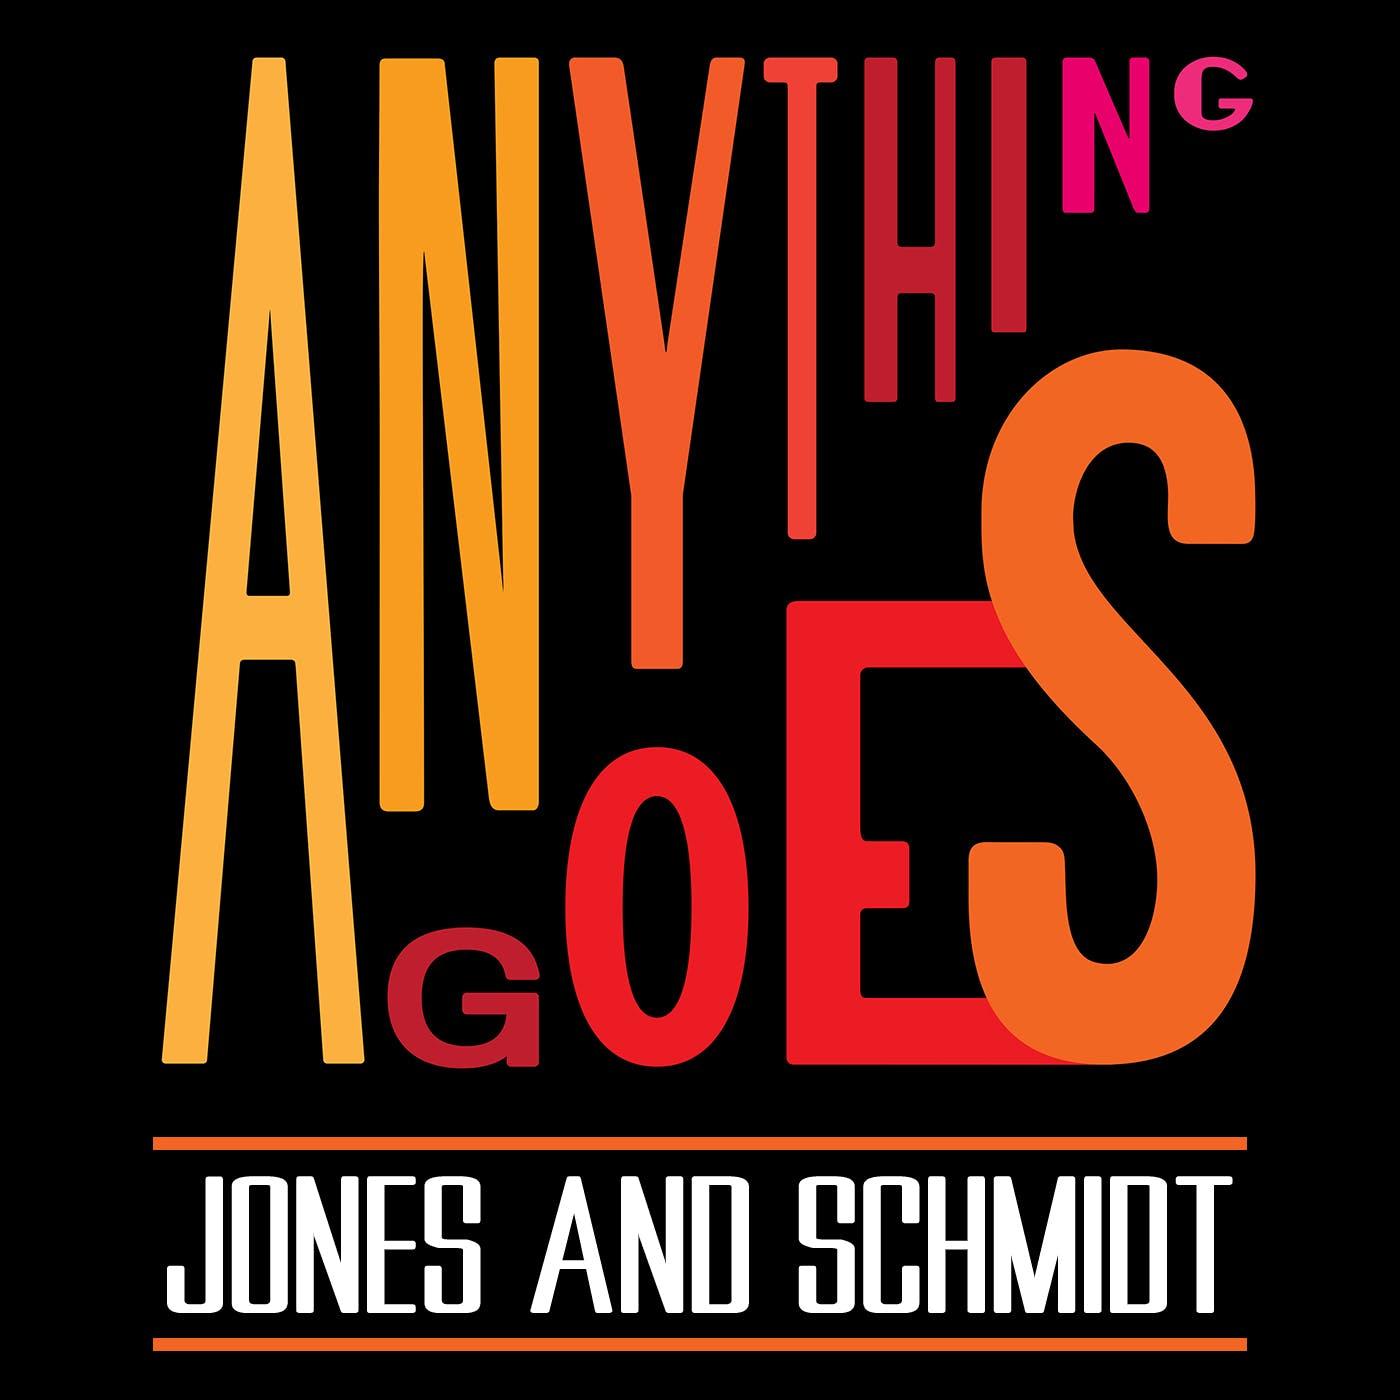 20 Jones and Schmidt